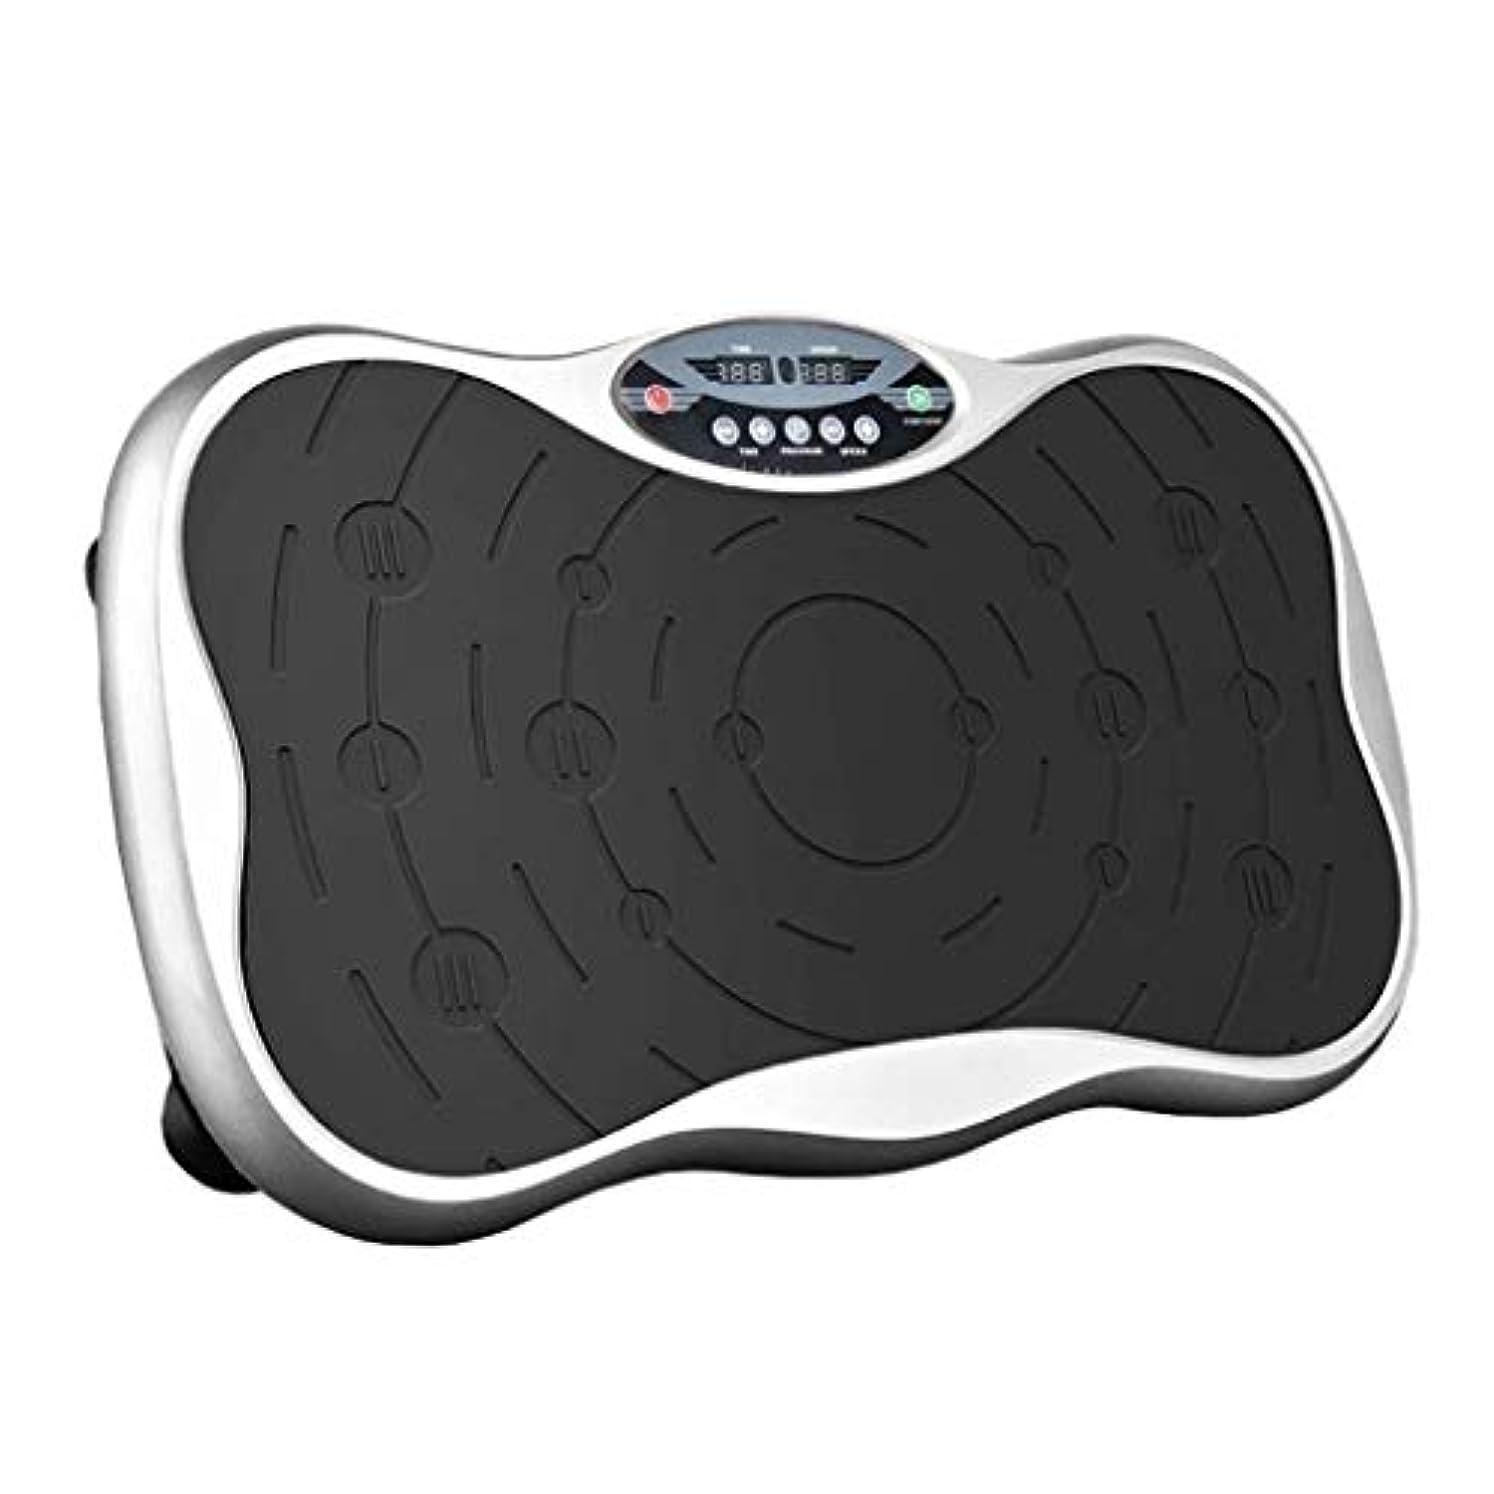 スロットおもてなし少なくとも減量装置、フィットネス振動プラットフォーム-エクササイズフィットネスマシントレーナー-ボディマッサージスリム-振動プラットフォーム-全身振動 (Color : 銀)